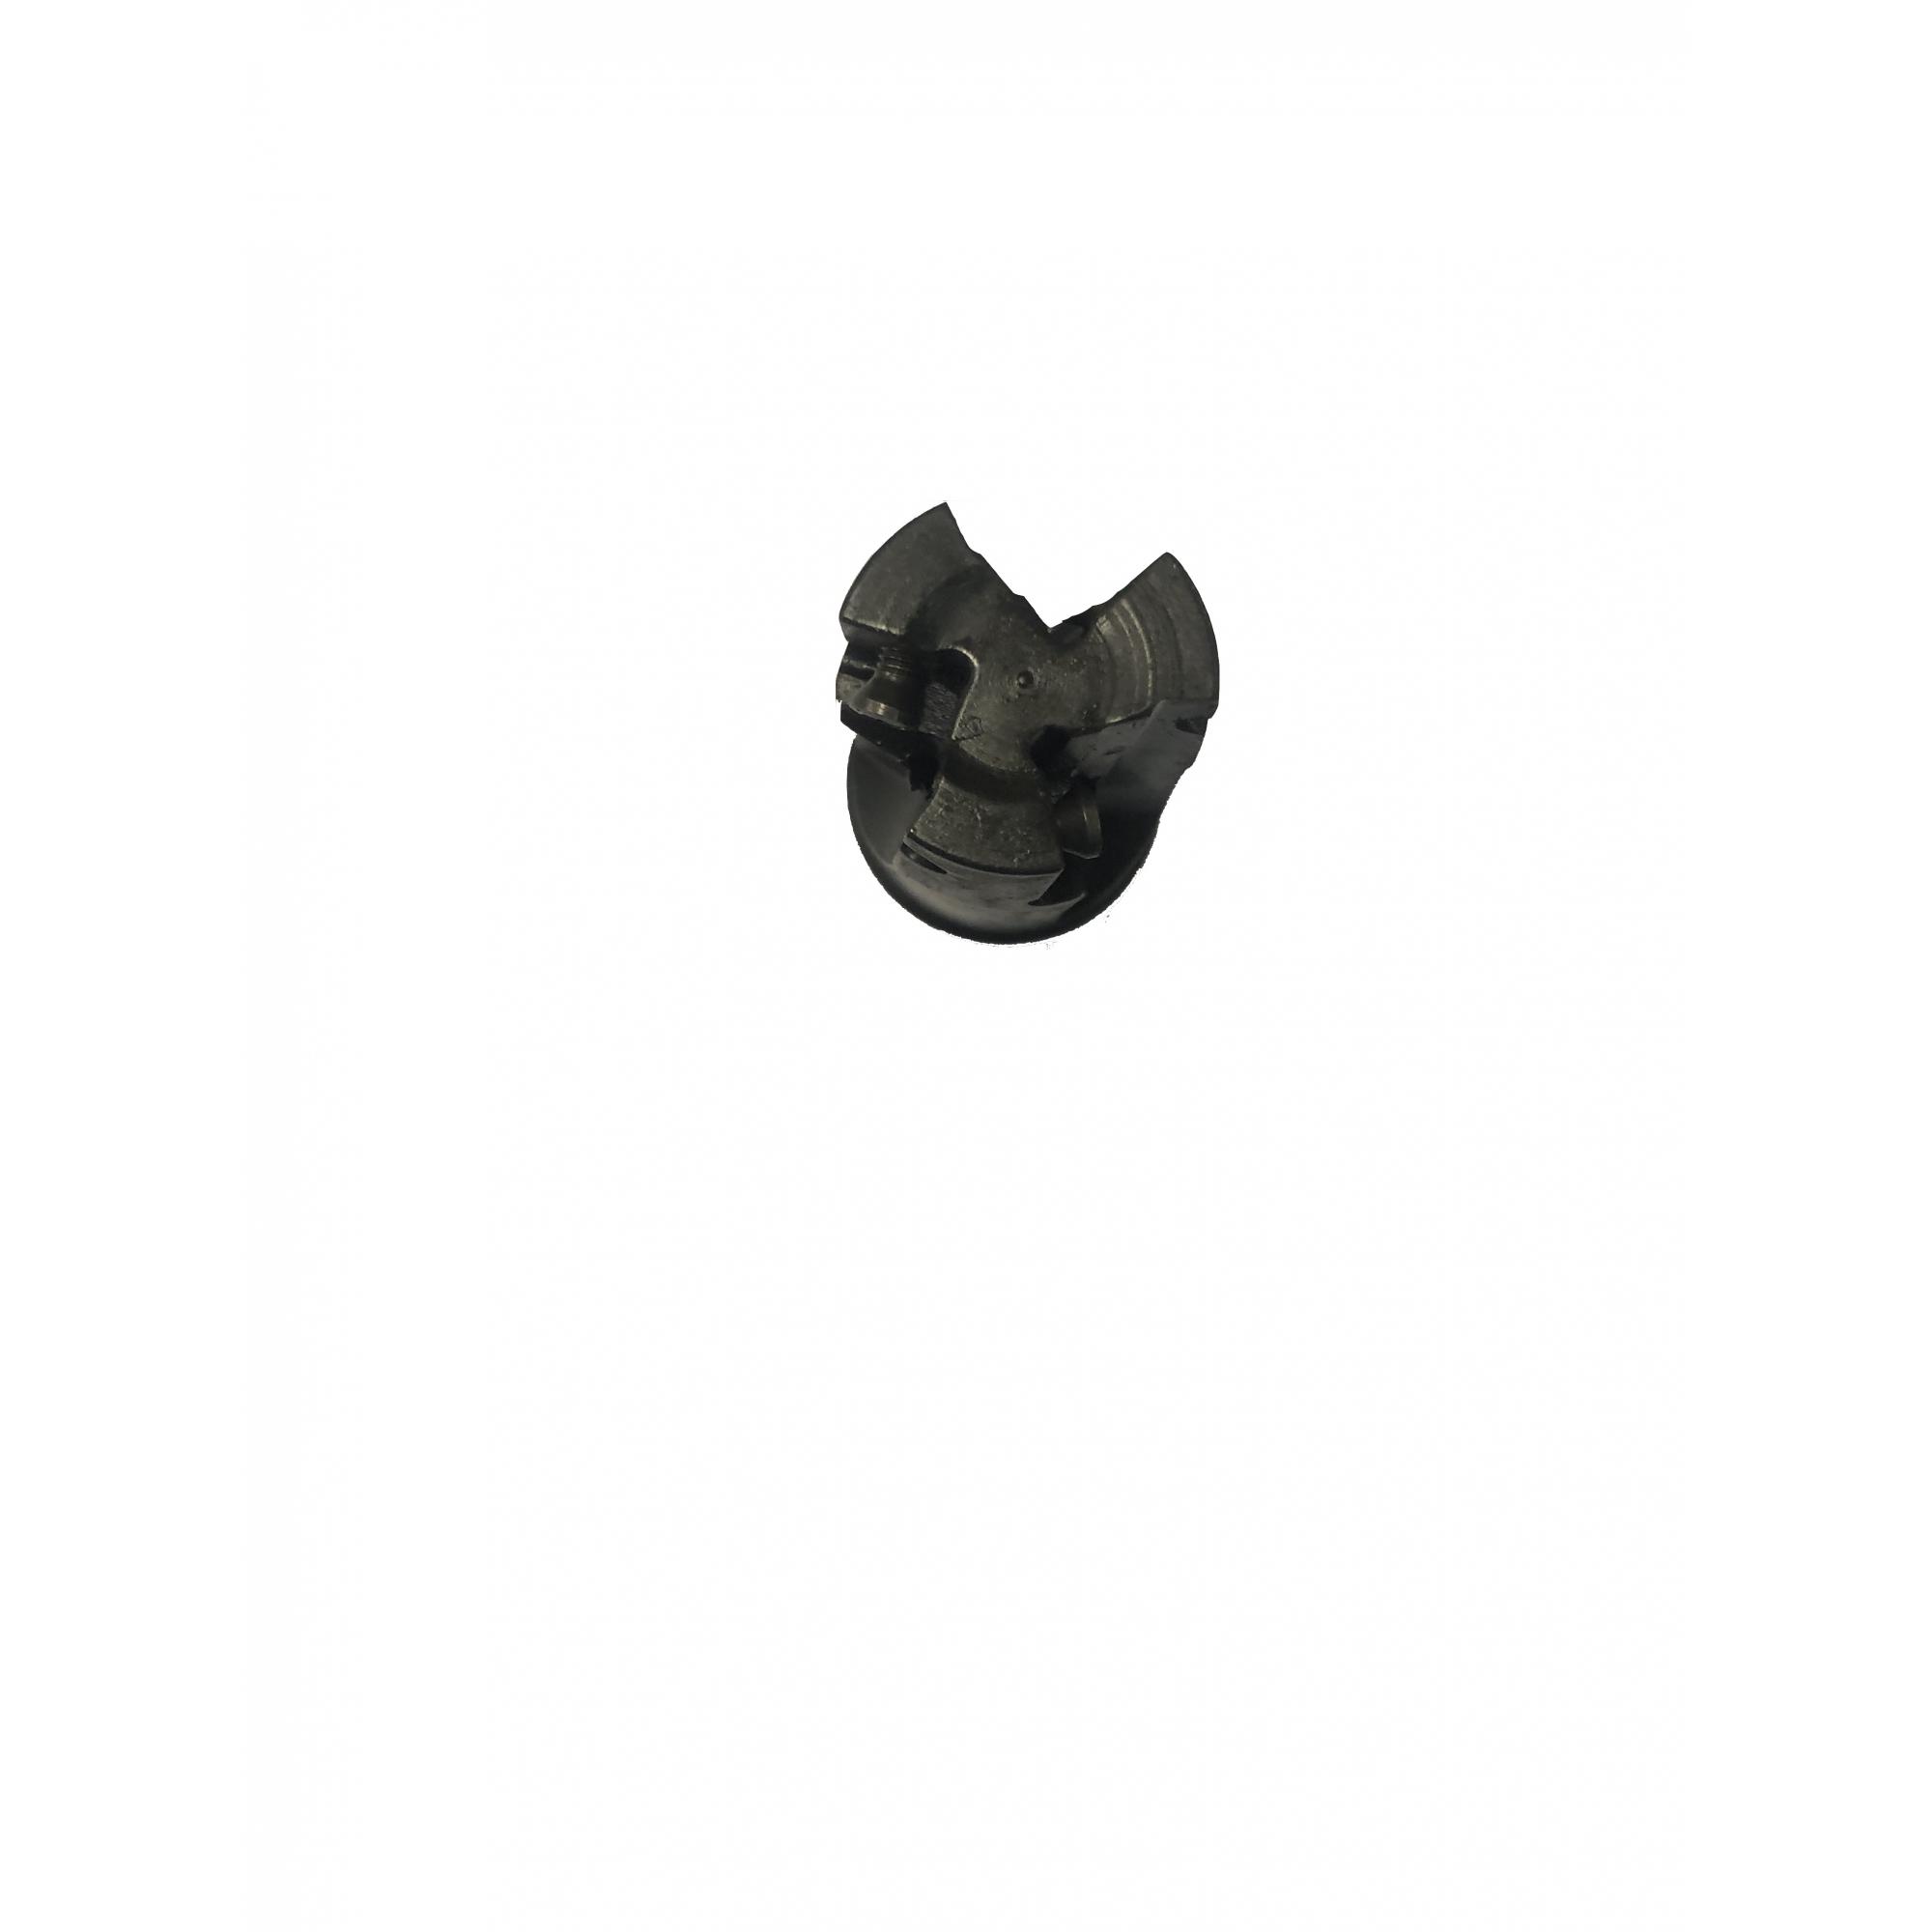 Fresa de topo intercambiável diâmetro de 25,0 mm, H25 para 3M AXKT1304 Z=3